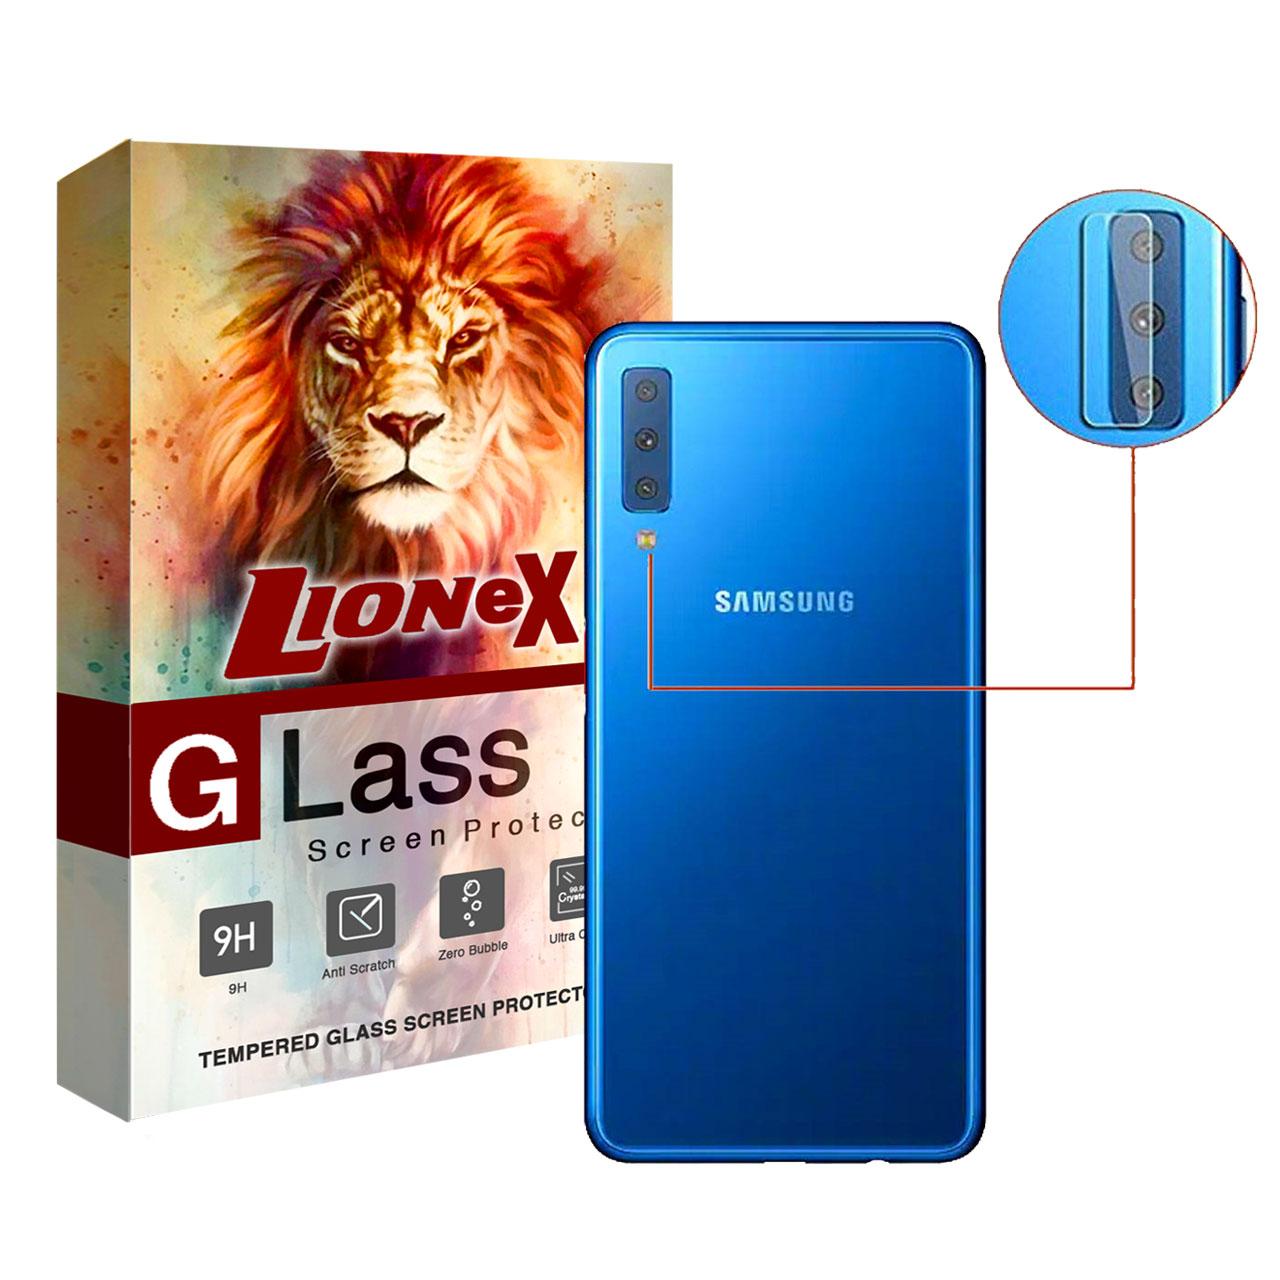 محافظ لنز دوربین لایونکس مدل UTFS مناسب برای گوشی موبایل سامسونگ Galaxy A7 2018